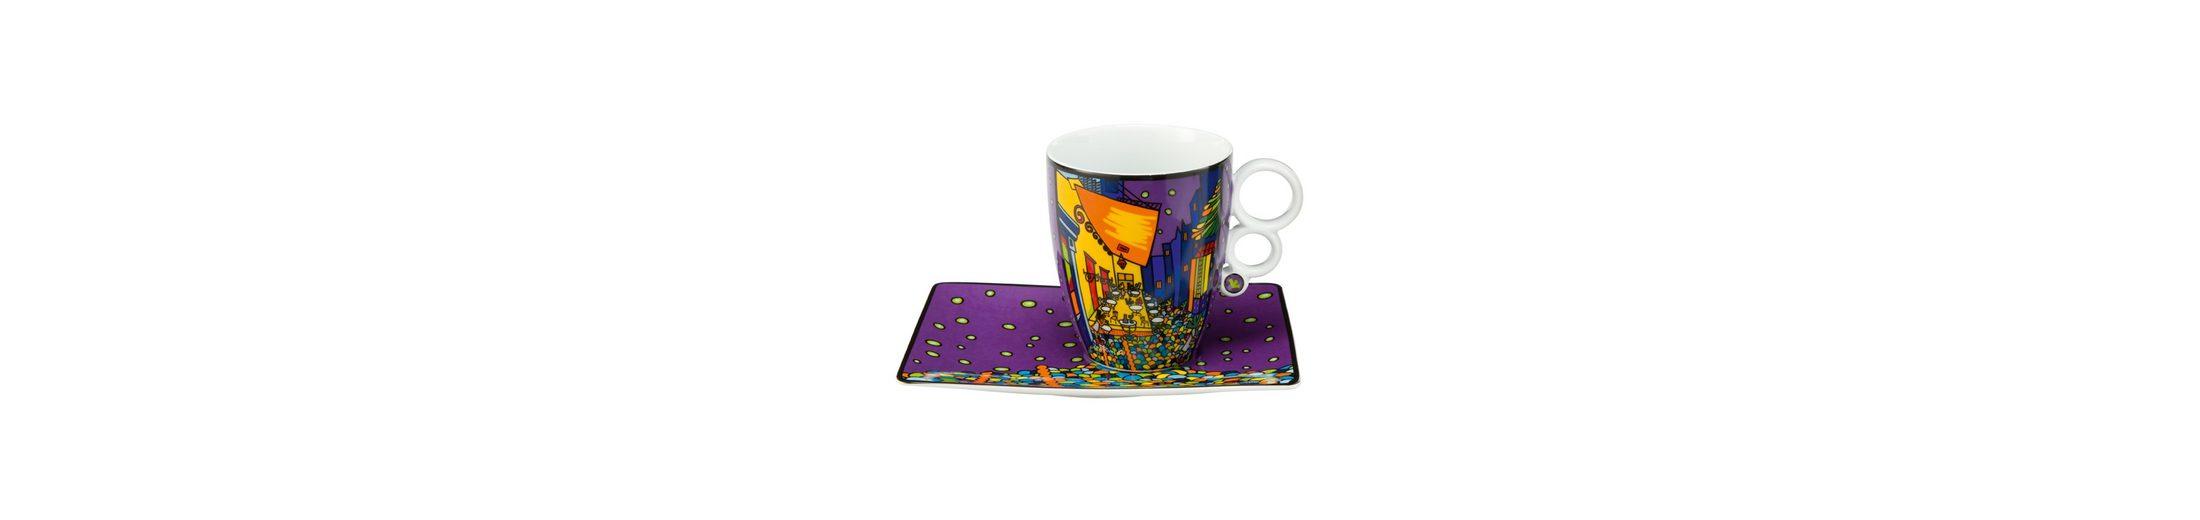 Goebel Coffee Break in Arles - Künstlerbecher »Artis Orbis«